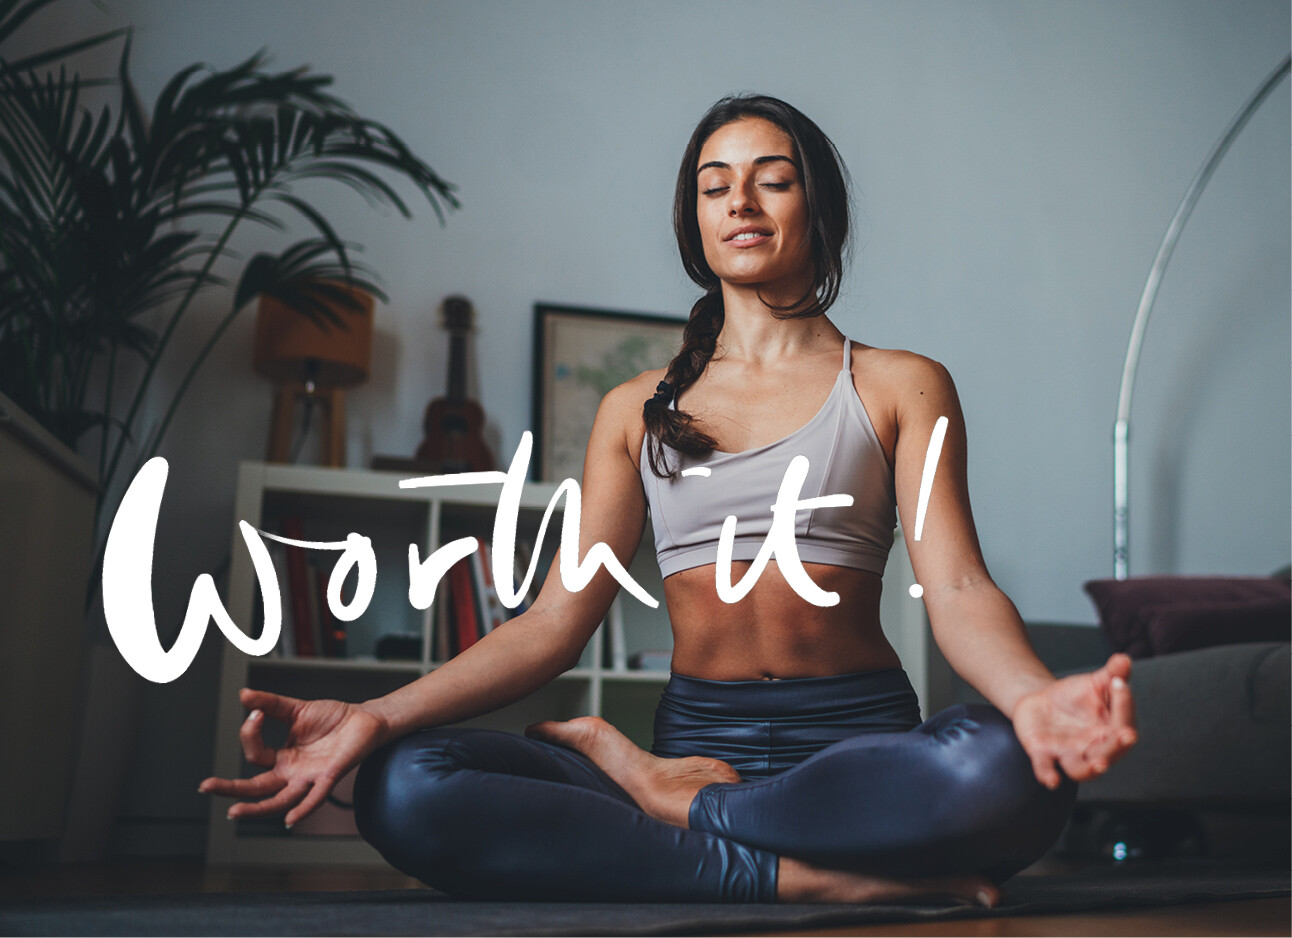 vrouw aan het mediteren